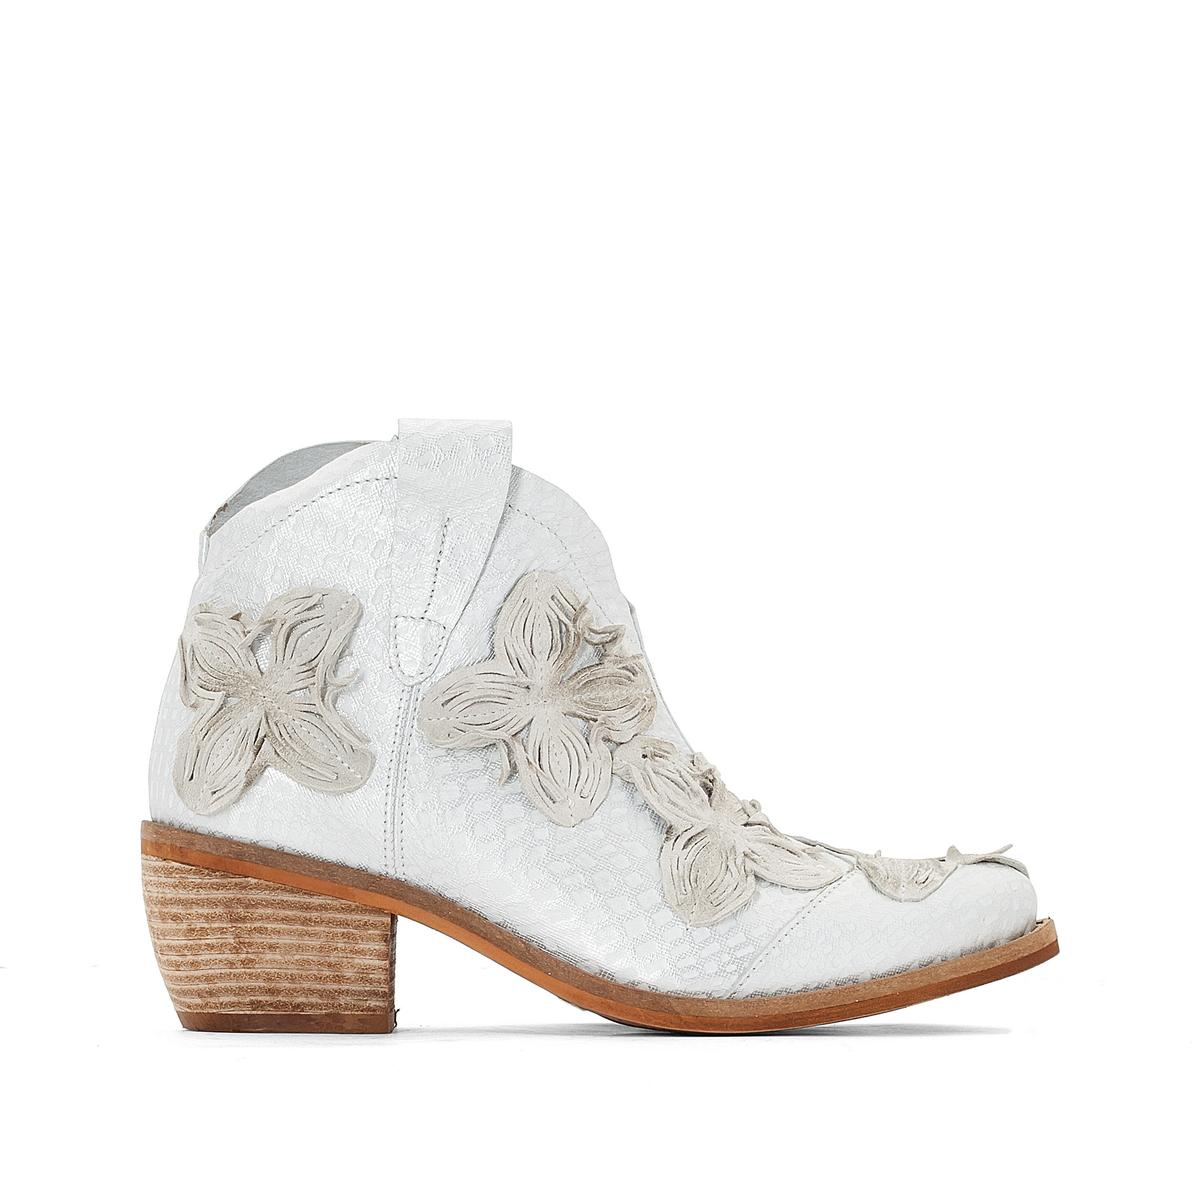 Ботильоны кожаные JoleneВерх : кожа   Подкладка : кожа   Стелька : кожа   Подошва : резина   Высота каблука : 5 см   Форма каблука : квадратный каблук   Мысок : заостренный мысок     Застежка : молния<br><br>Цвет: серебристый<br>Размер: 38.39